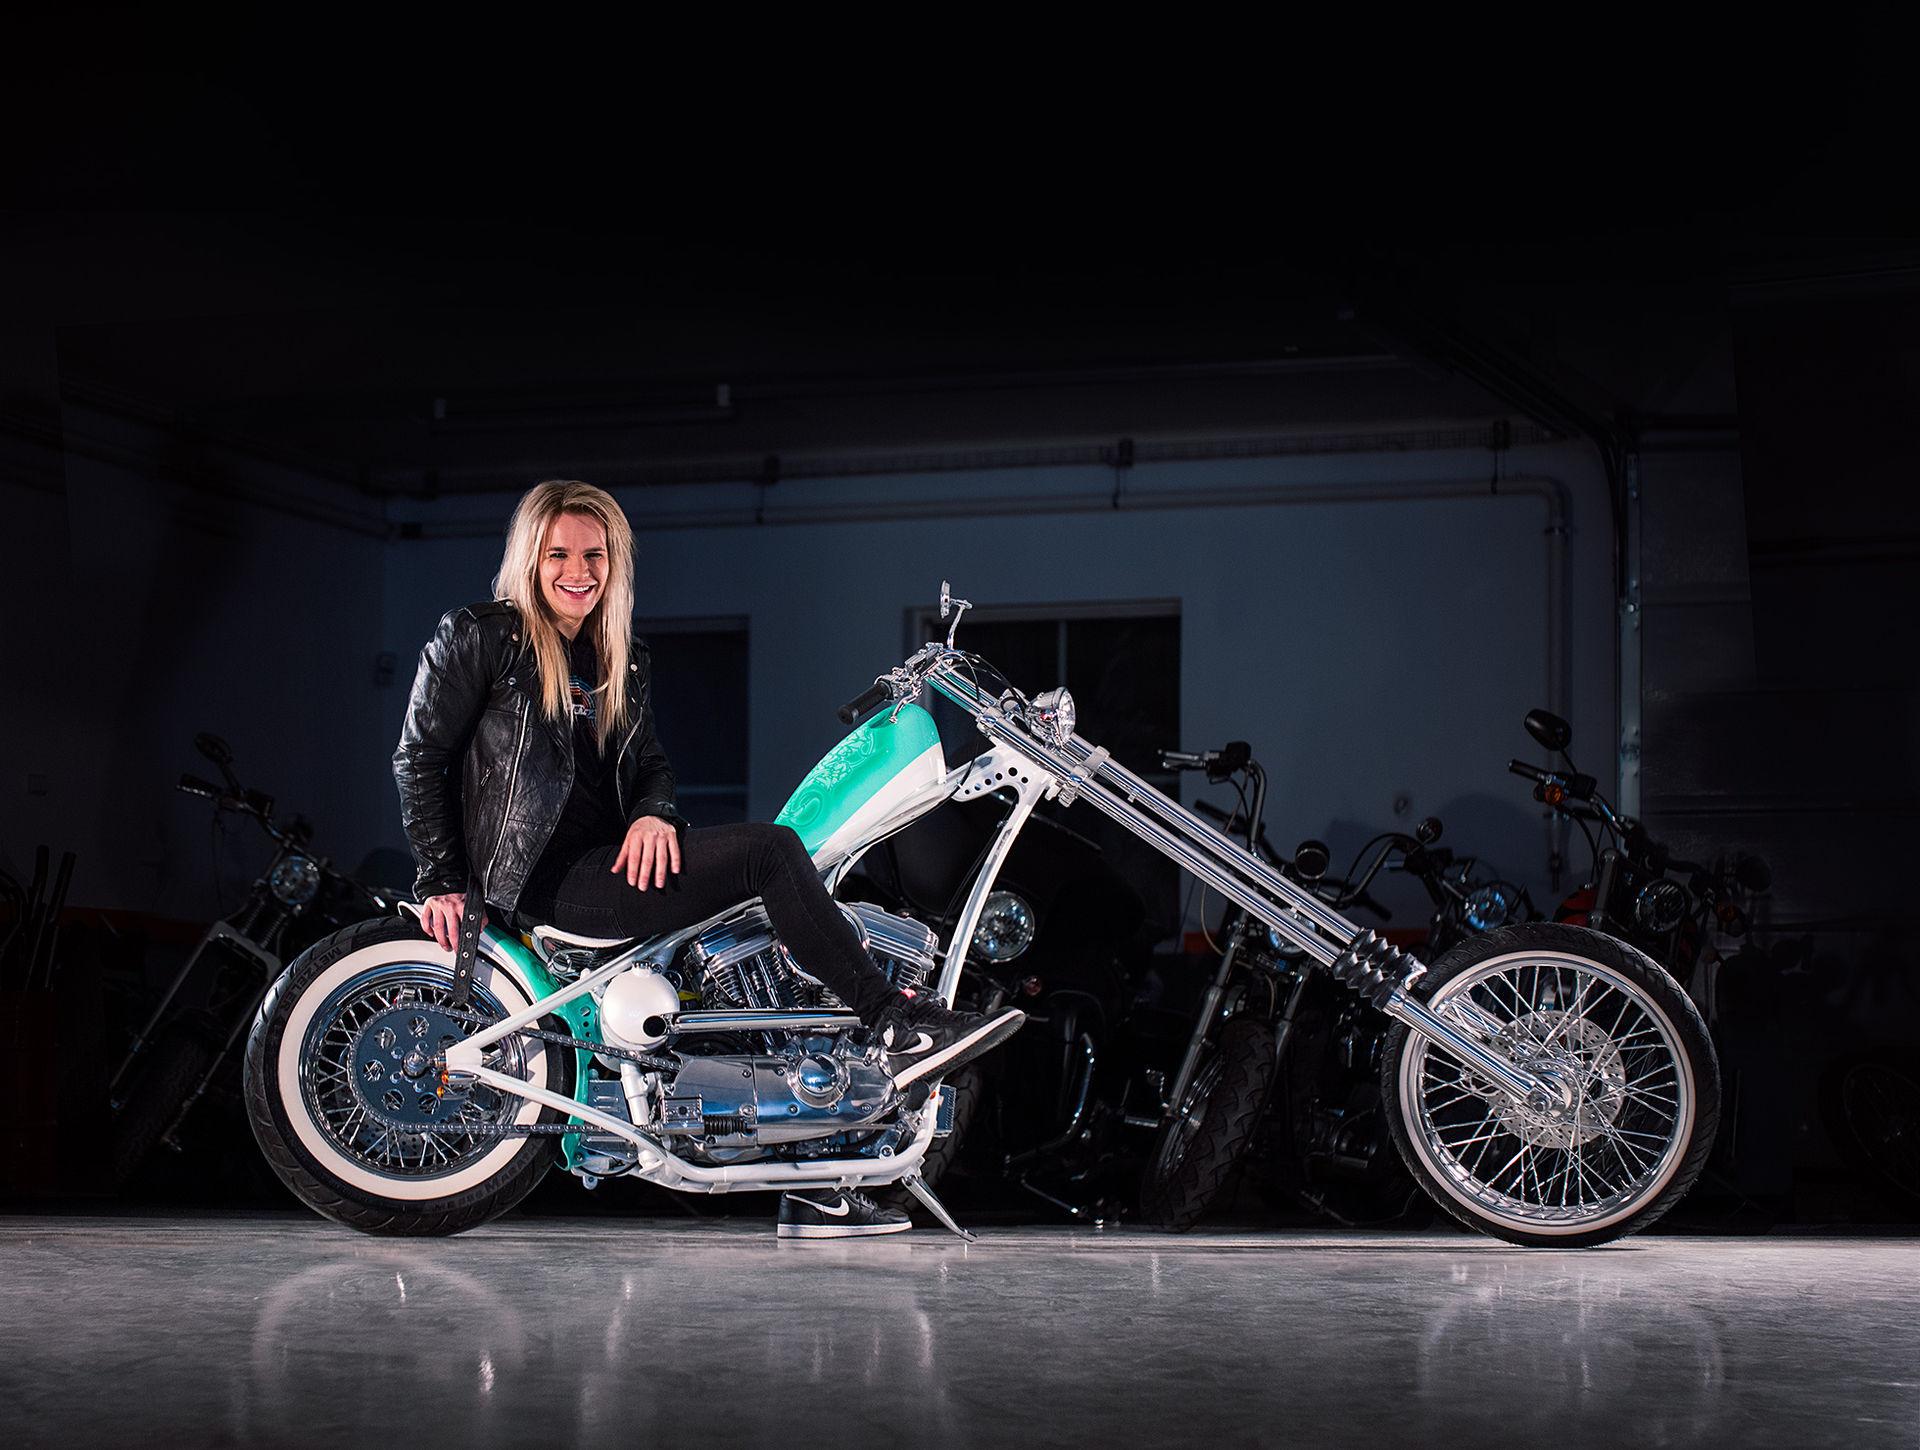 Glamrockarens custombyggda Harley är klar